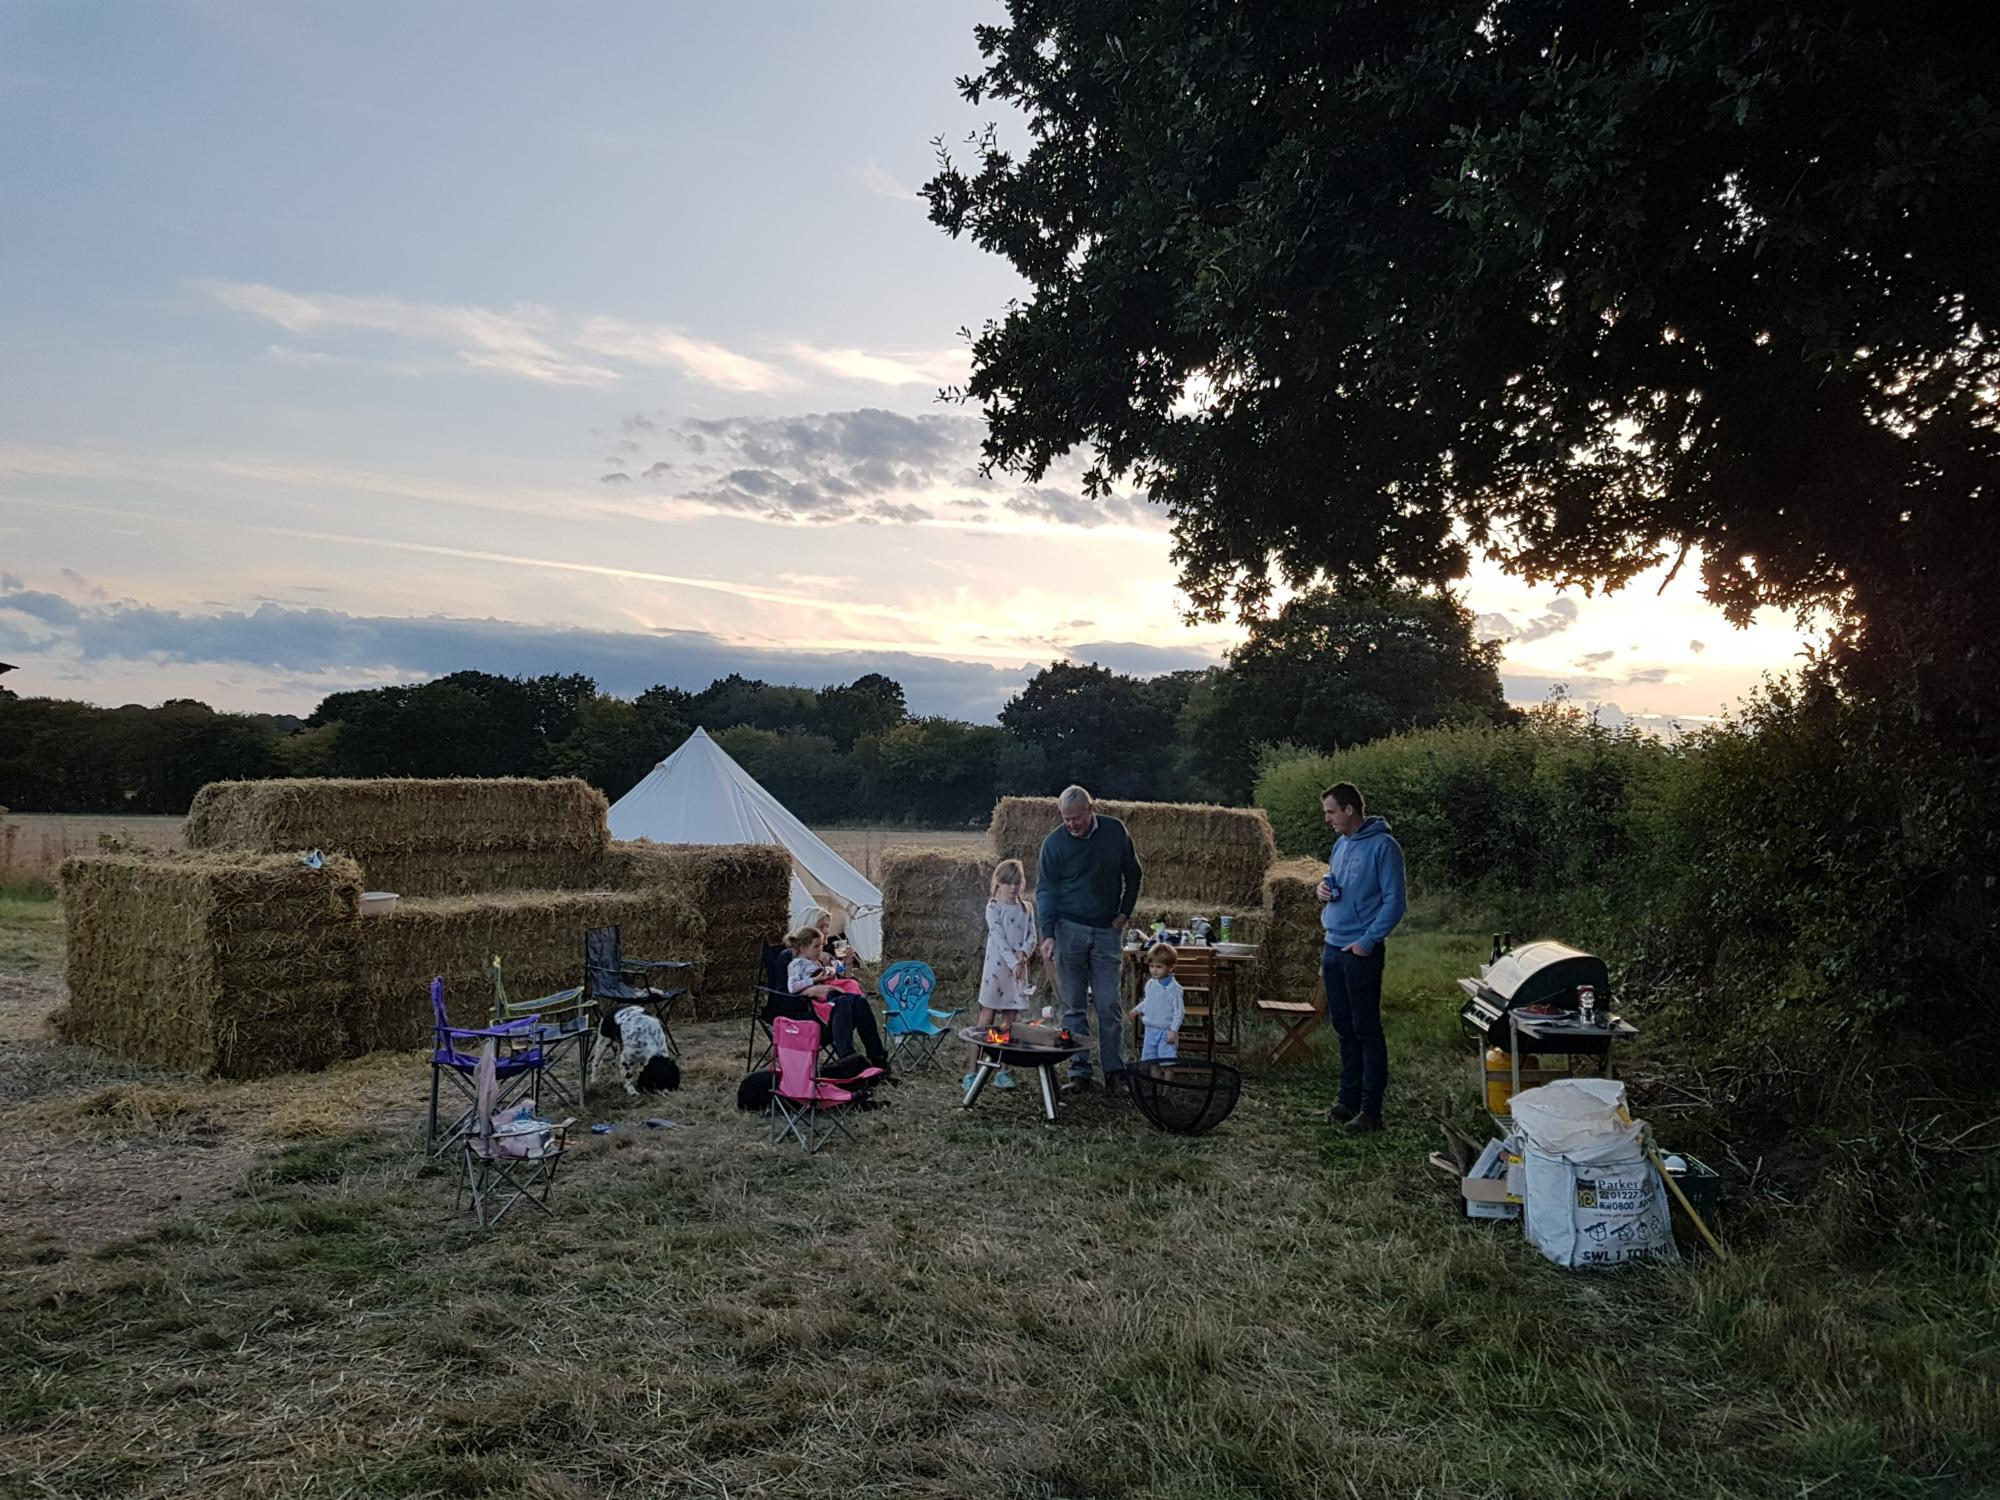 Campsites in East Sussex – I Love This Campsite